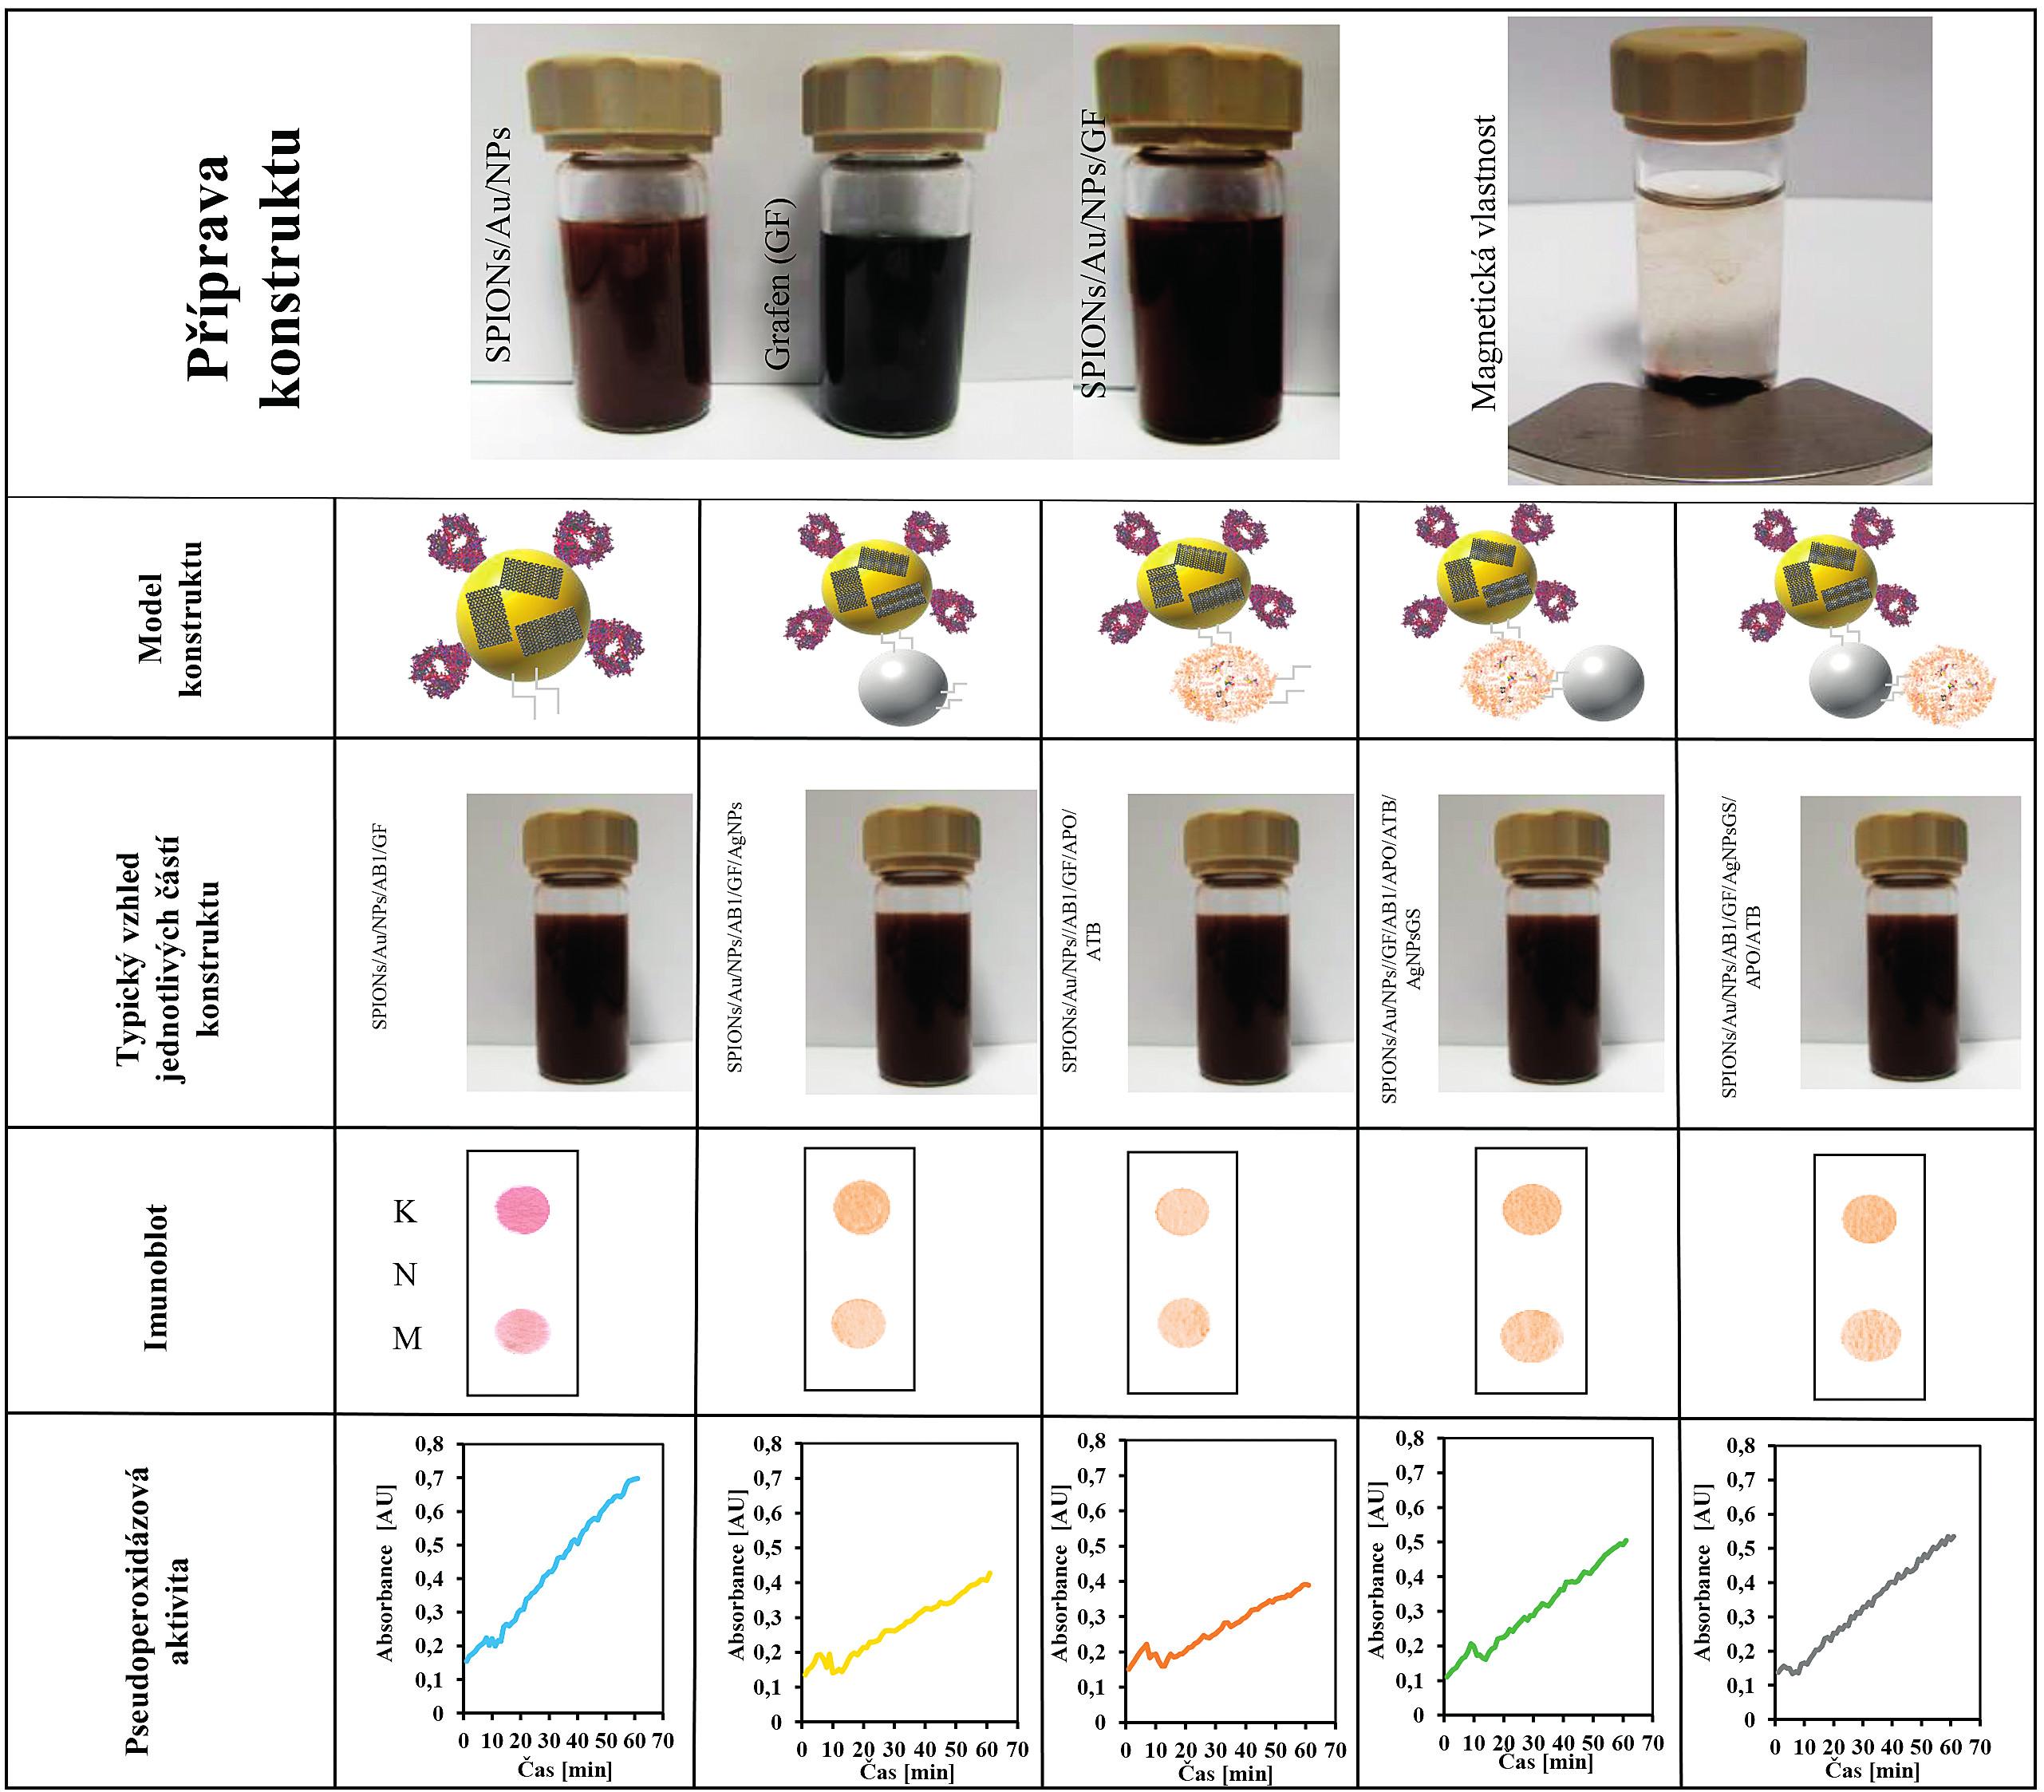 Shrnutí přípravy a vlastností jednotlivých části komplexního nanokonstruktu<br> Řádek 1: Příprava nanokonstruktu s magnetickými vlastnosti. SPION nanočástice pokryté zlatem jako výchozí část nanokonstruktu. Typická fotografie disperze nanočástic SPIONs/Au/NPs; grafenu (GF) a SPIONs/Au/NPs/GF; Fotografie po interakci s magnetem po 20 s SPIONs/Au/NPs.<br> Řádek 2: Ukazuje jednotlivé části a modely nanokonstruktu, které byly testovány.<br> Řádek 3: Typický vzhled jednotlivých připravených typů konstruktu.<br> Řádek 4: Typické dot blot analýzy jednotlivých testovaných nanokonstruktů: K – kontrola, M – testovaný nanokonstrukt, N – negativní kontrola.<br> Řádek 5: Typické časové průběhy pseudoperoxidázové reakce pro jednotlivé testované nanokonstrukty.